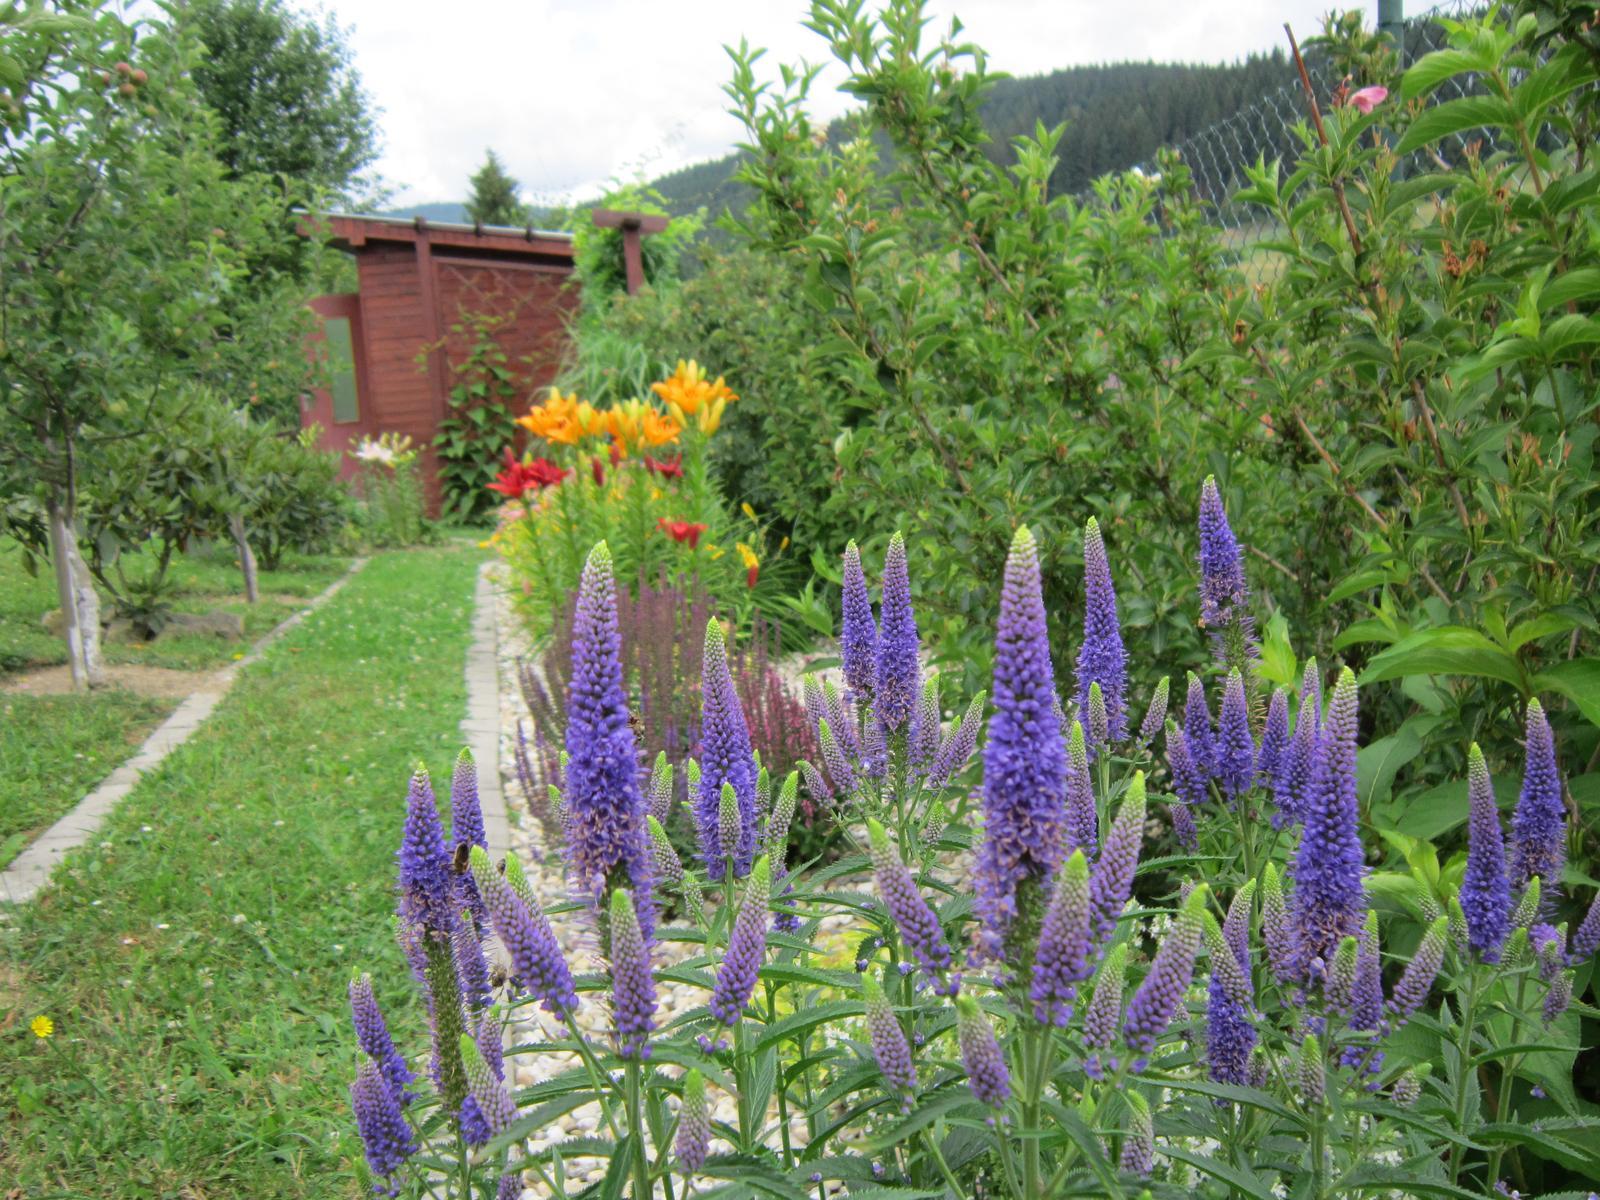 Pozvanie do našej jarnej záhrady - Veronika ma vždy poteší...